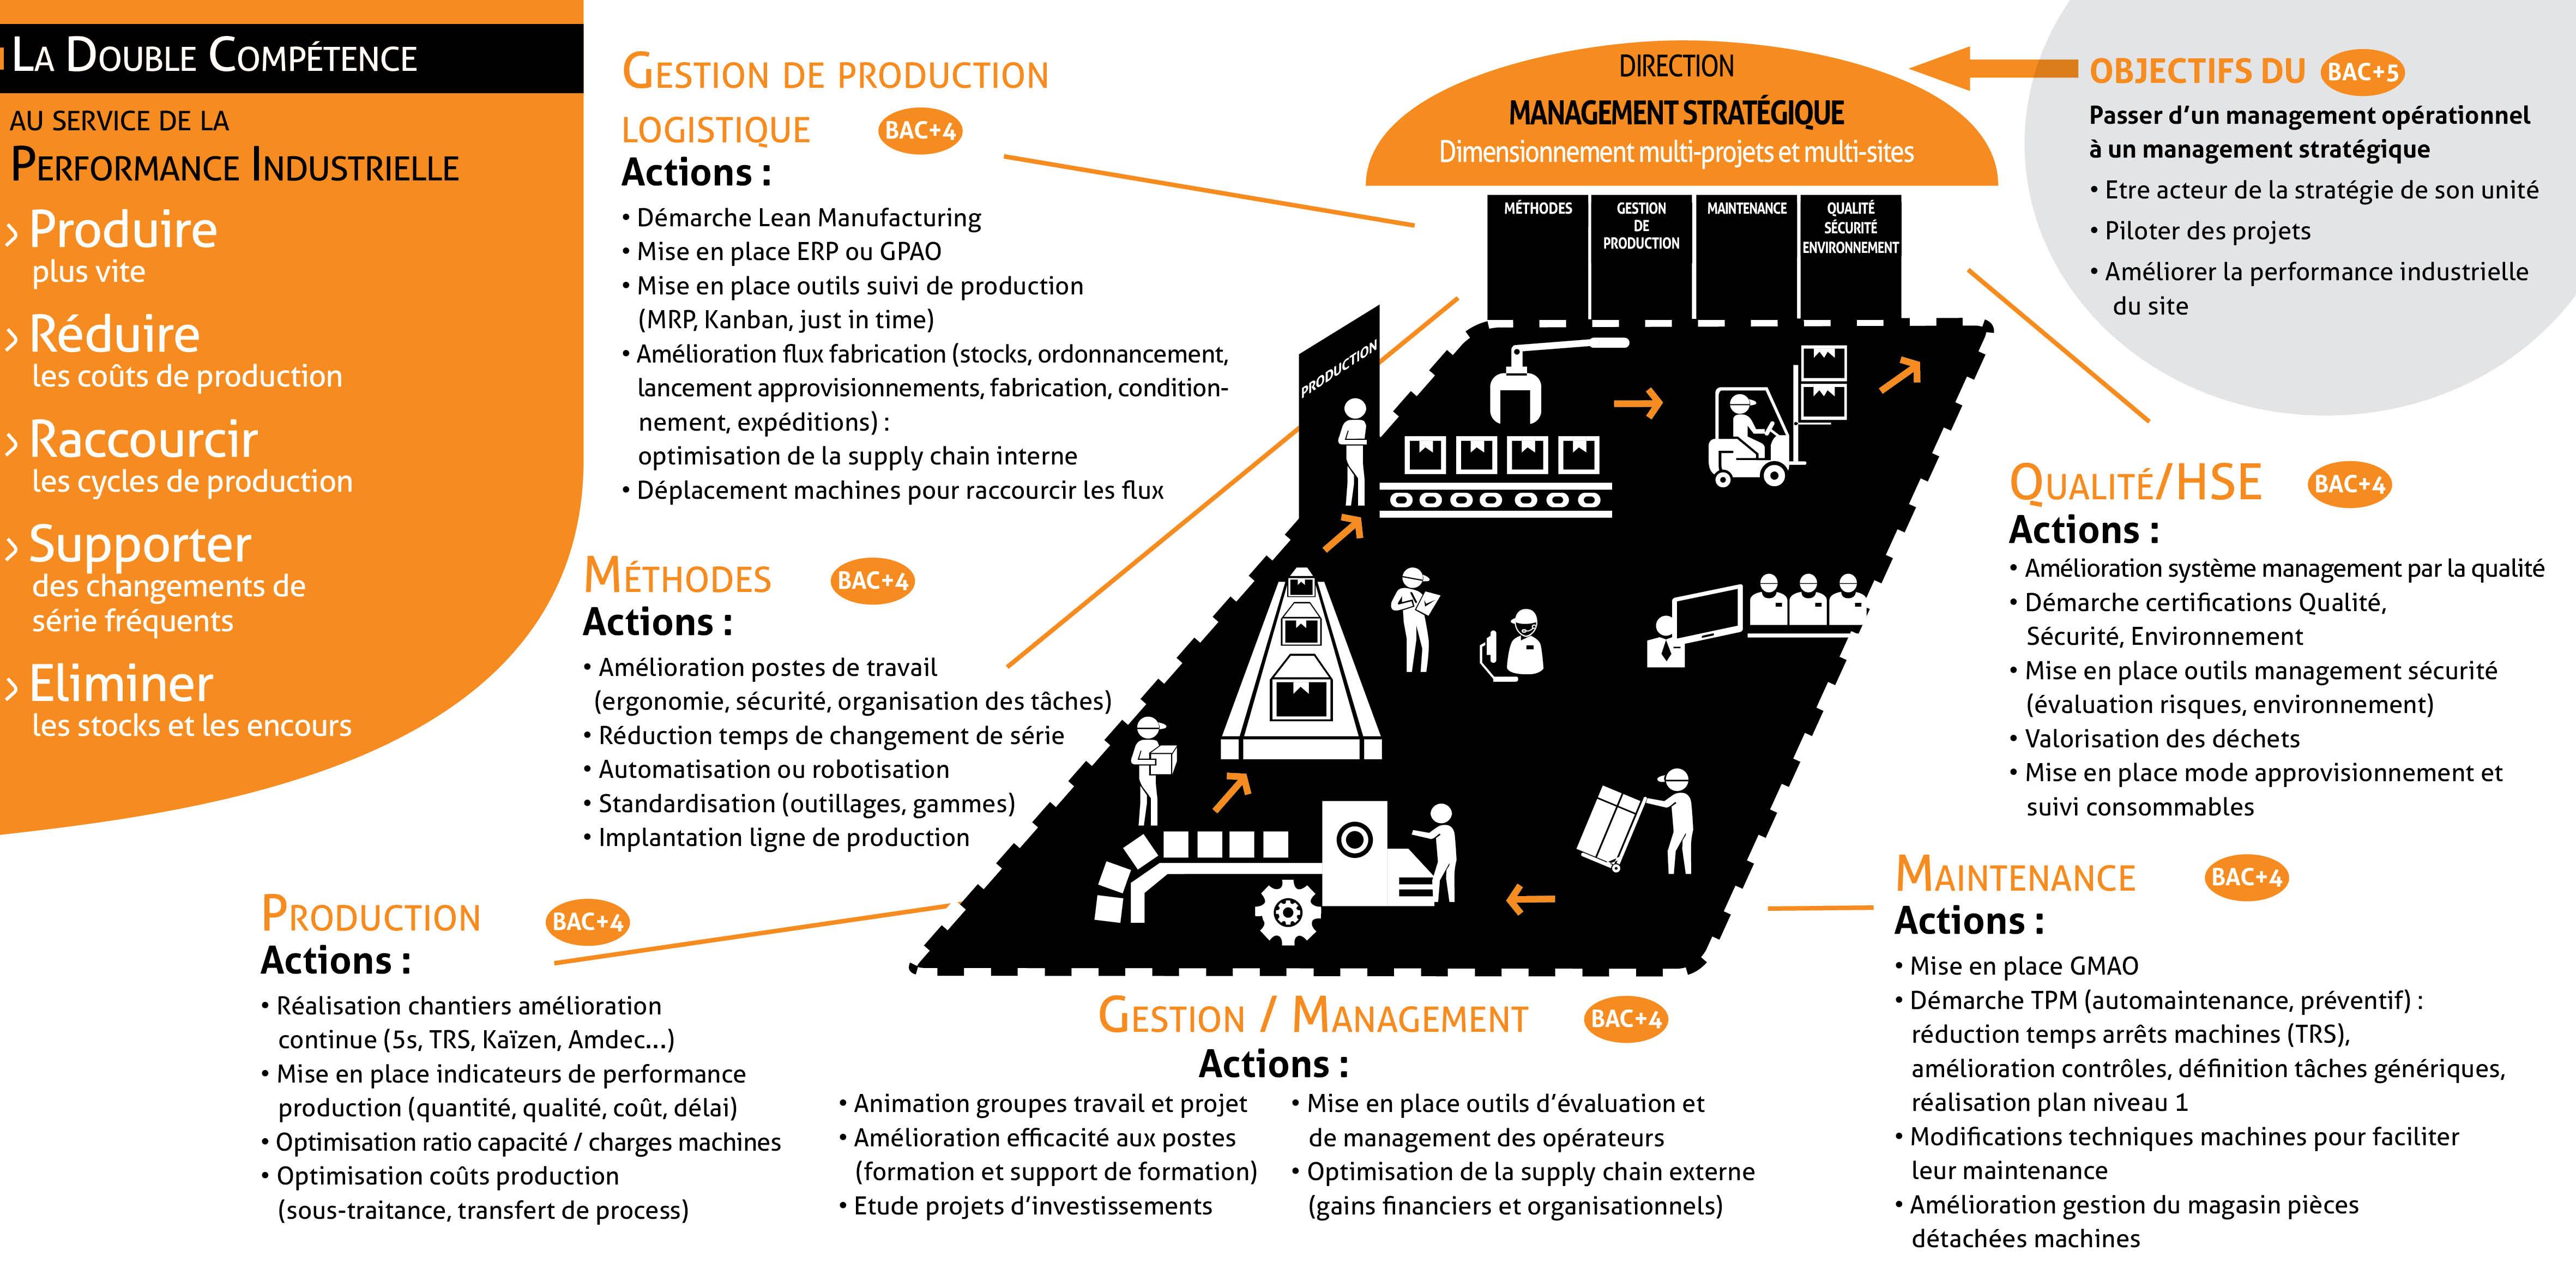 Les projets de l'alternance développés dans les entreprises par l'IPI